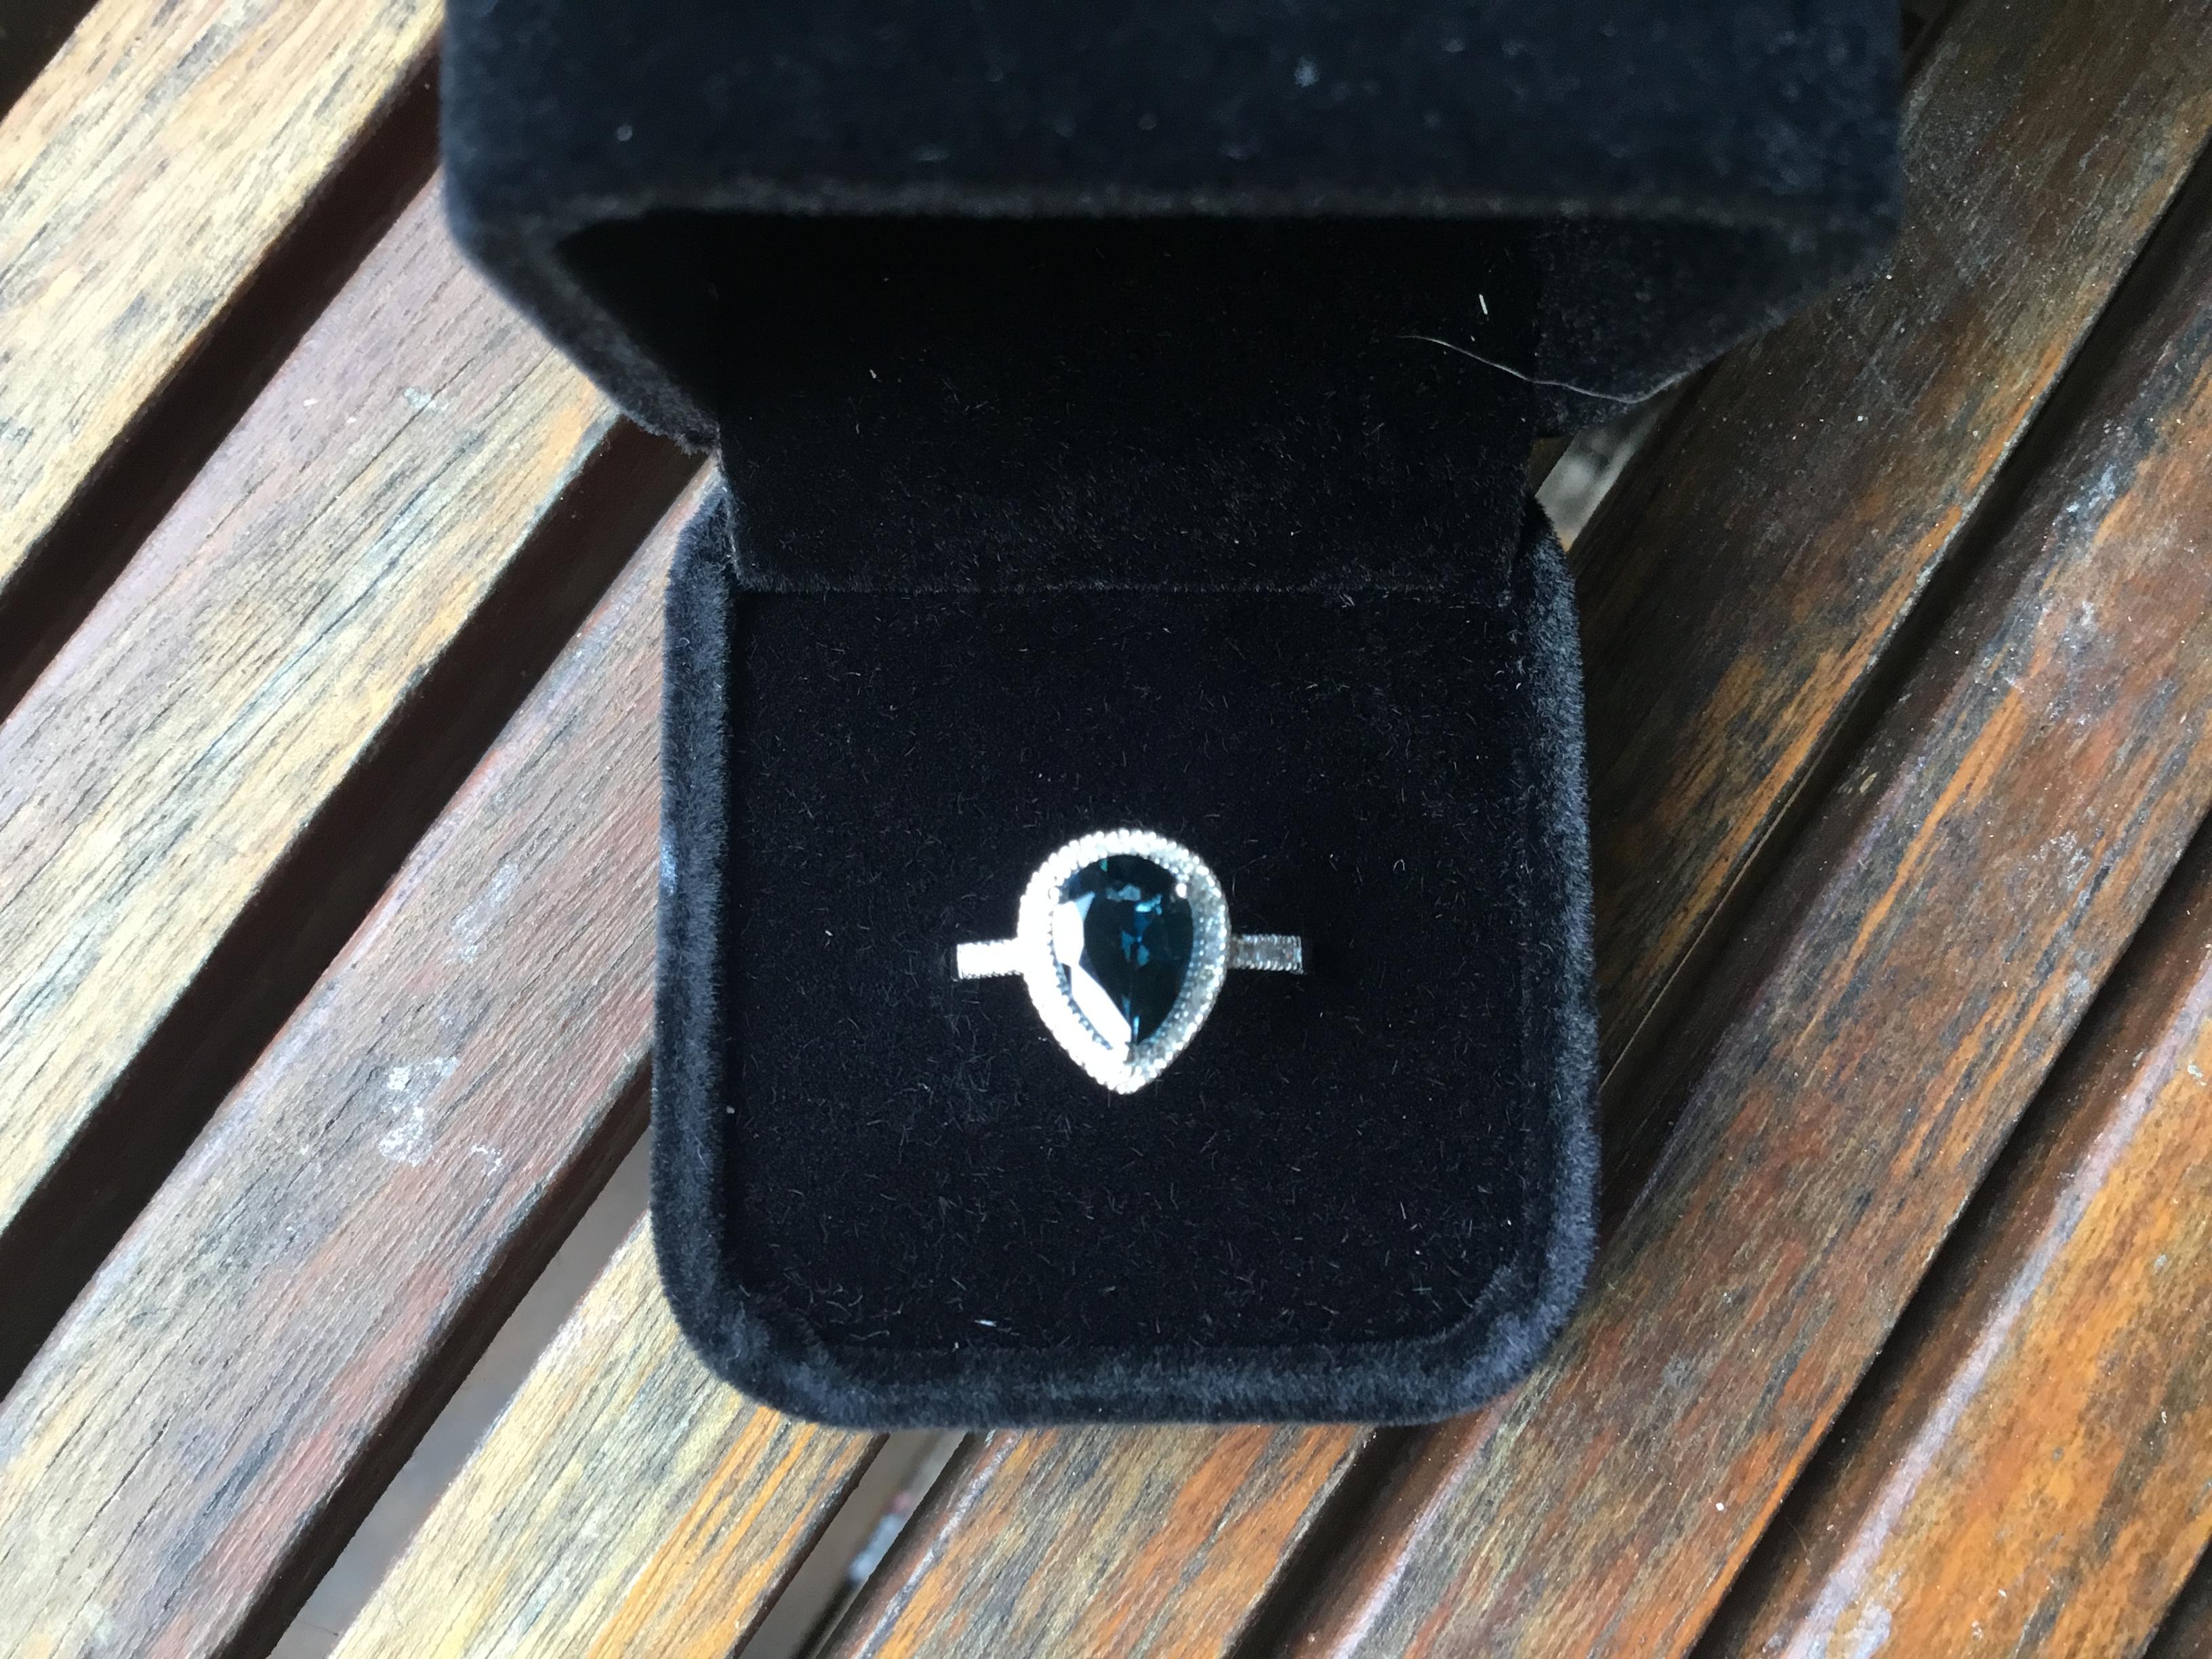 2carat Topaz with 38 diamonds